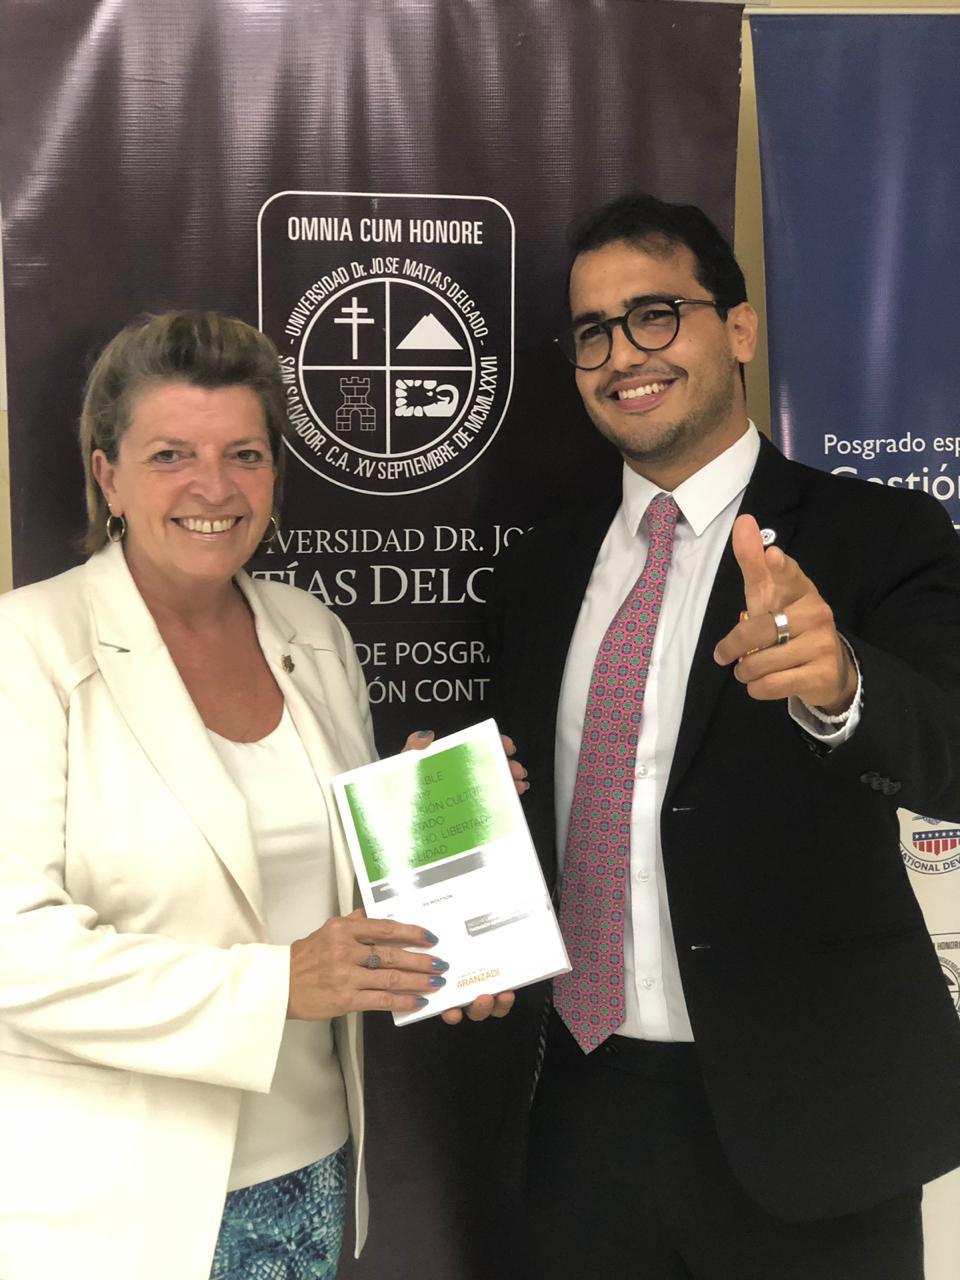 La honorable embajadora de Canadá, recibe el libro de manos de Herman Duarte, autor y fundador de la Fundación y Hduarte Legal